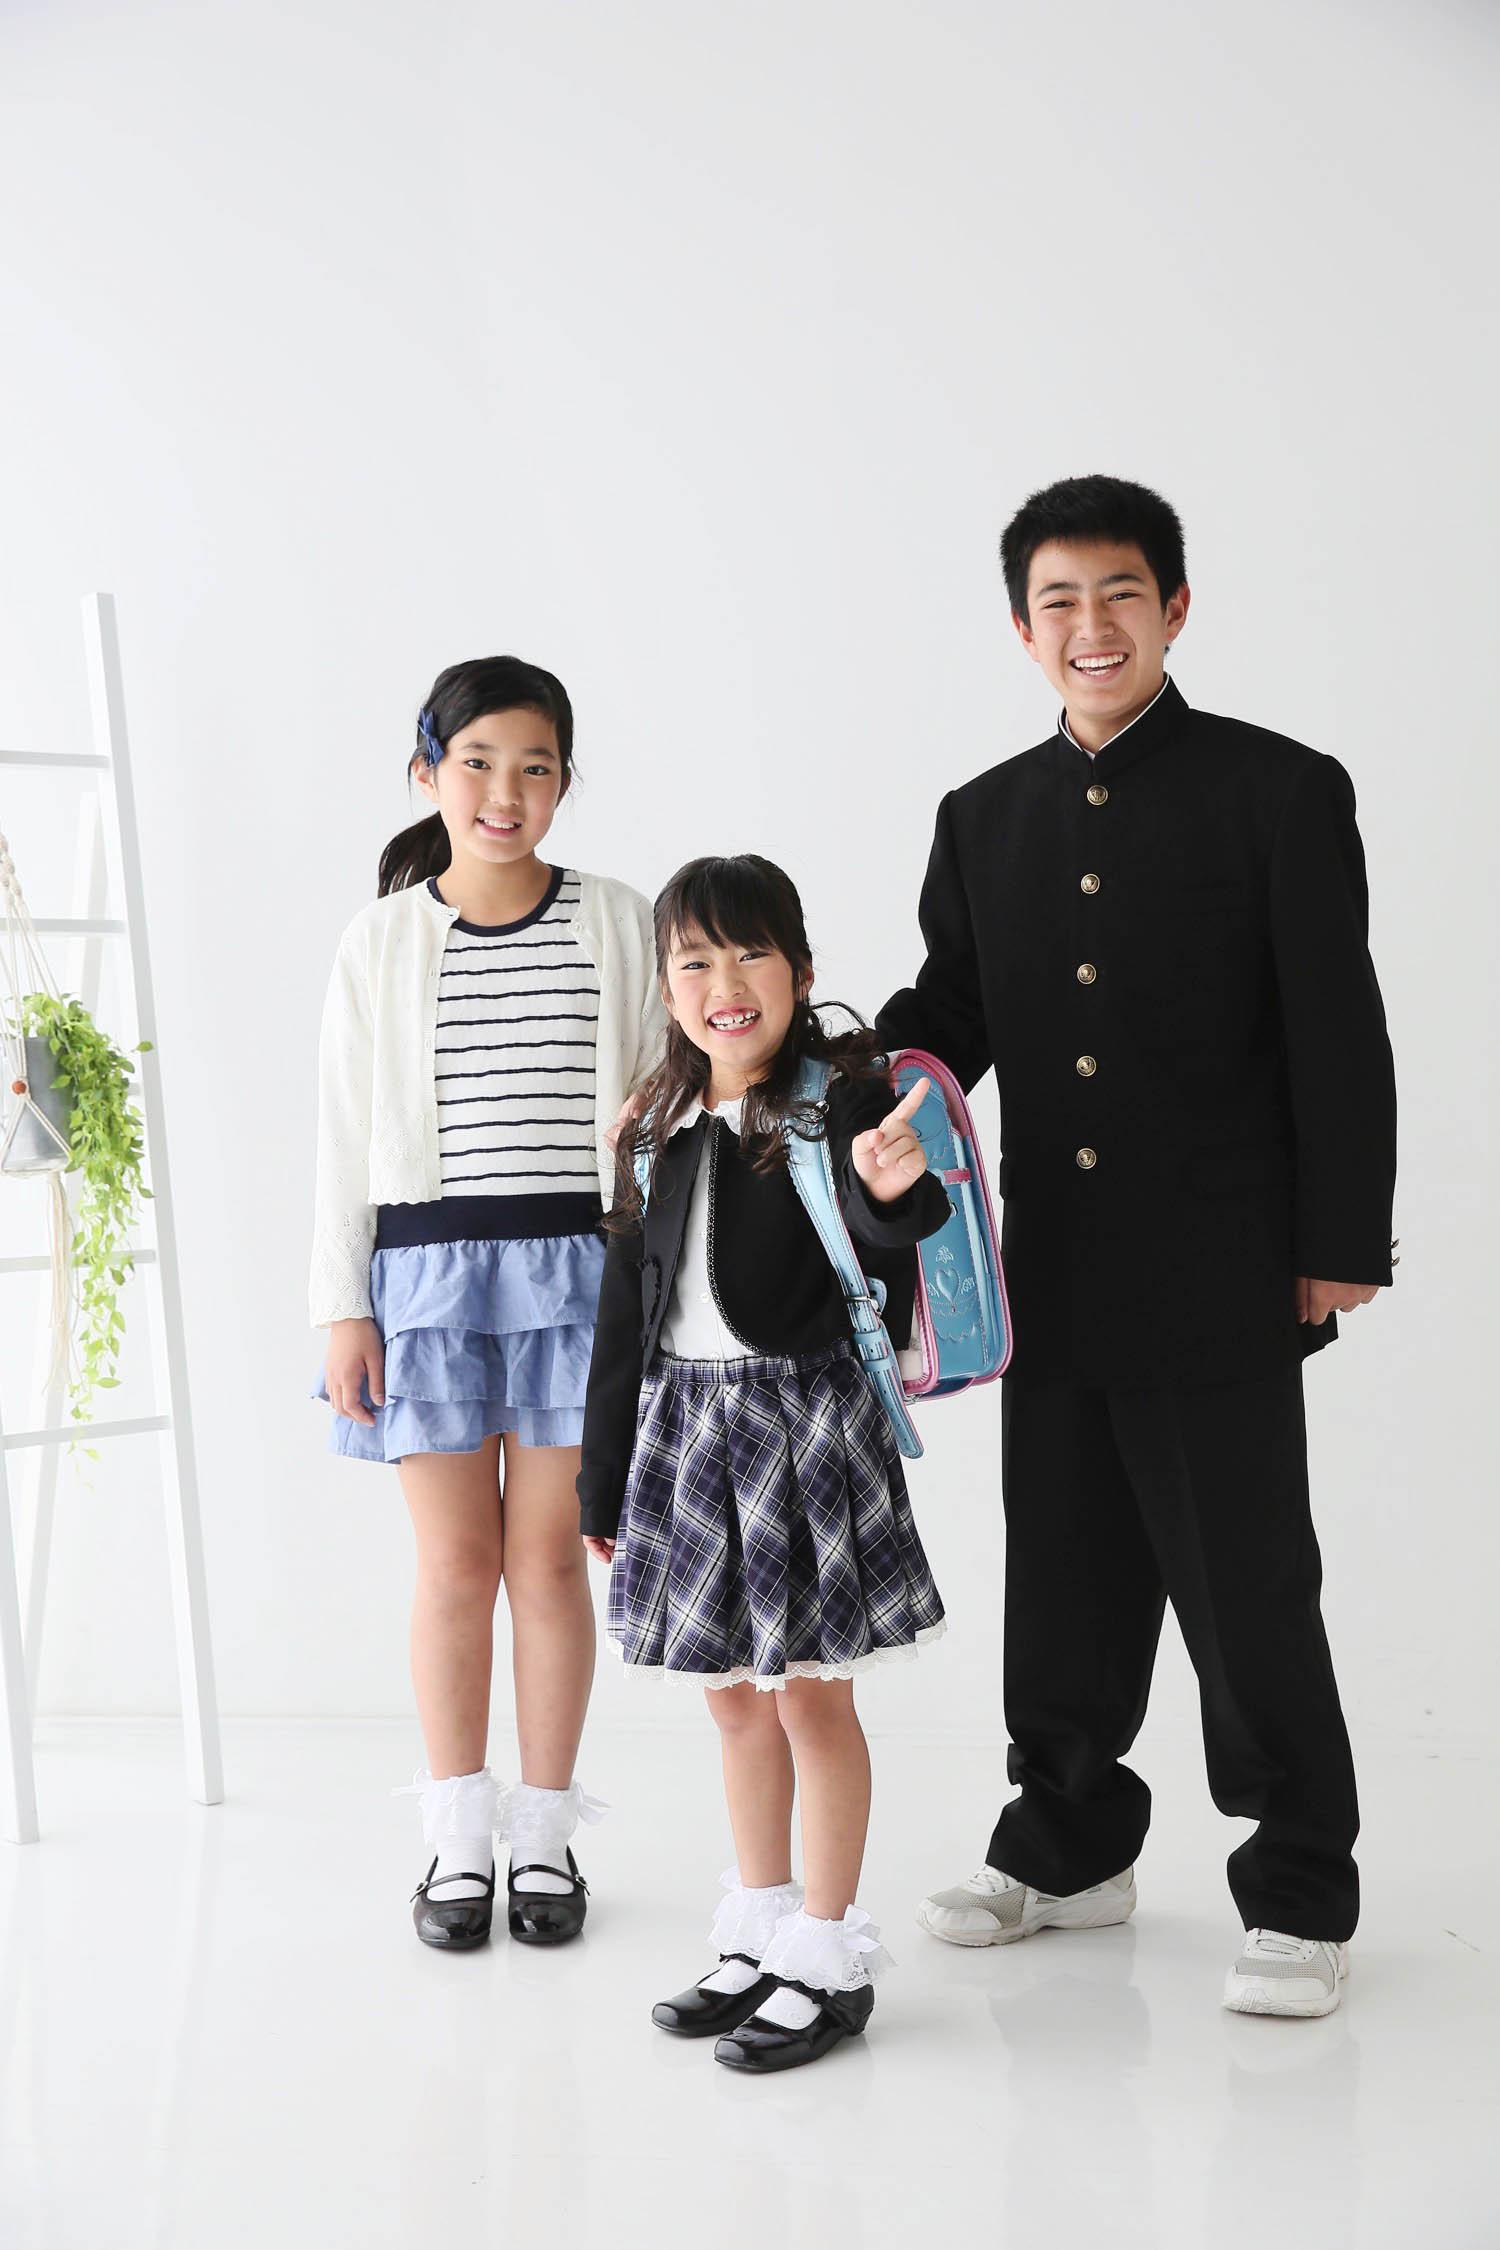 入学記念の写真